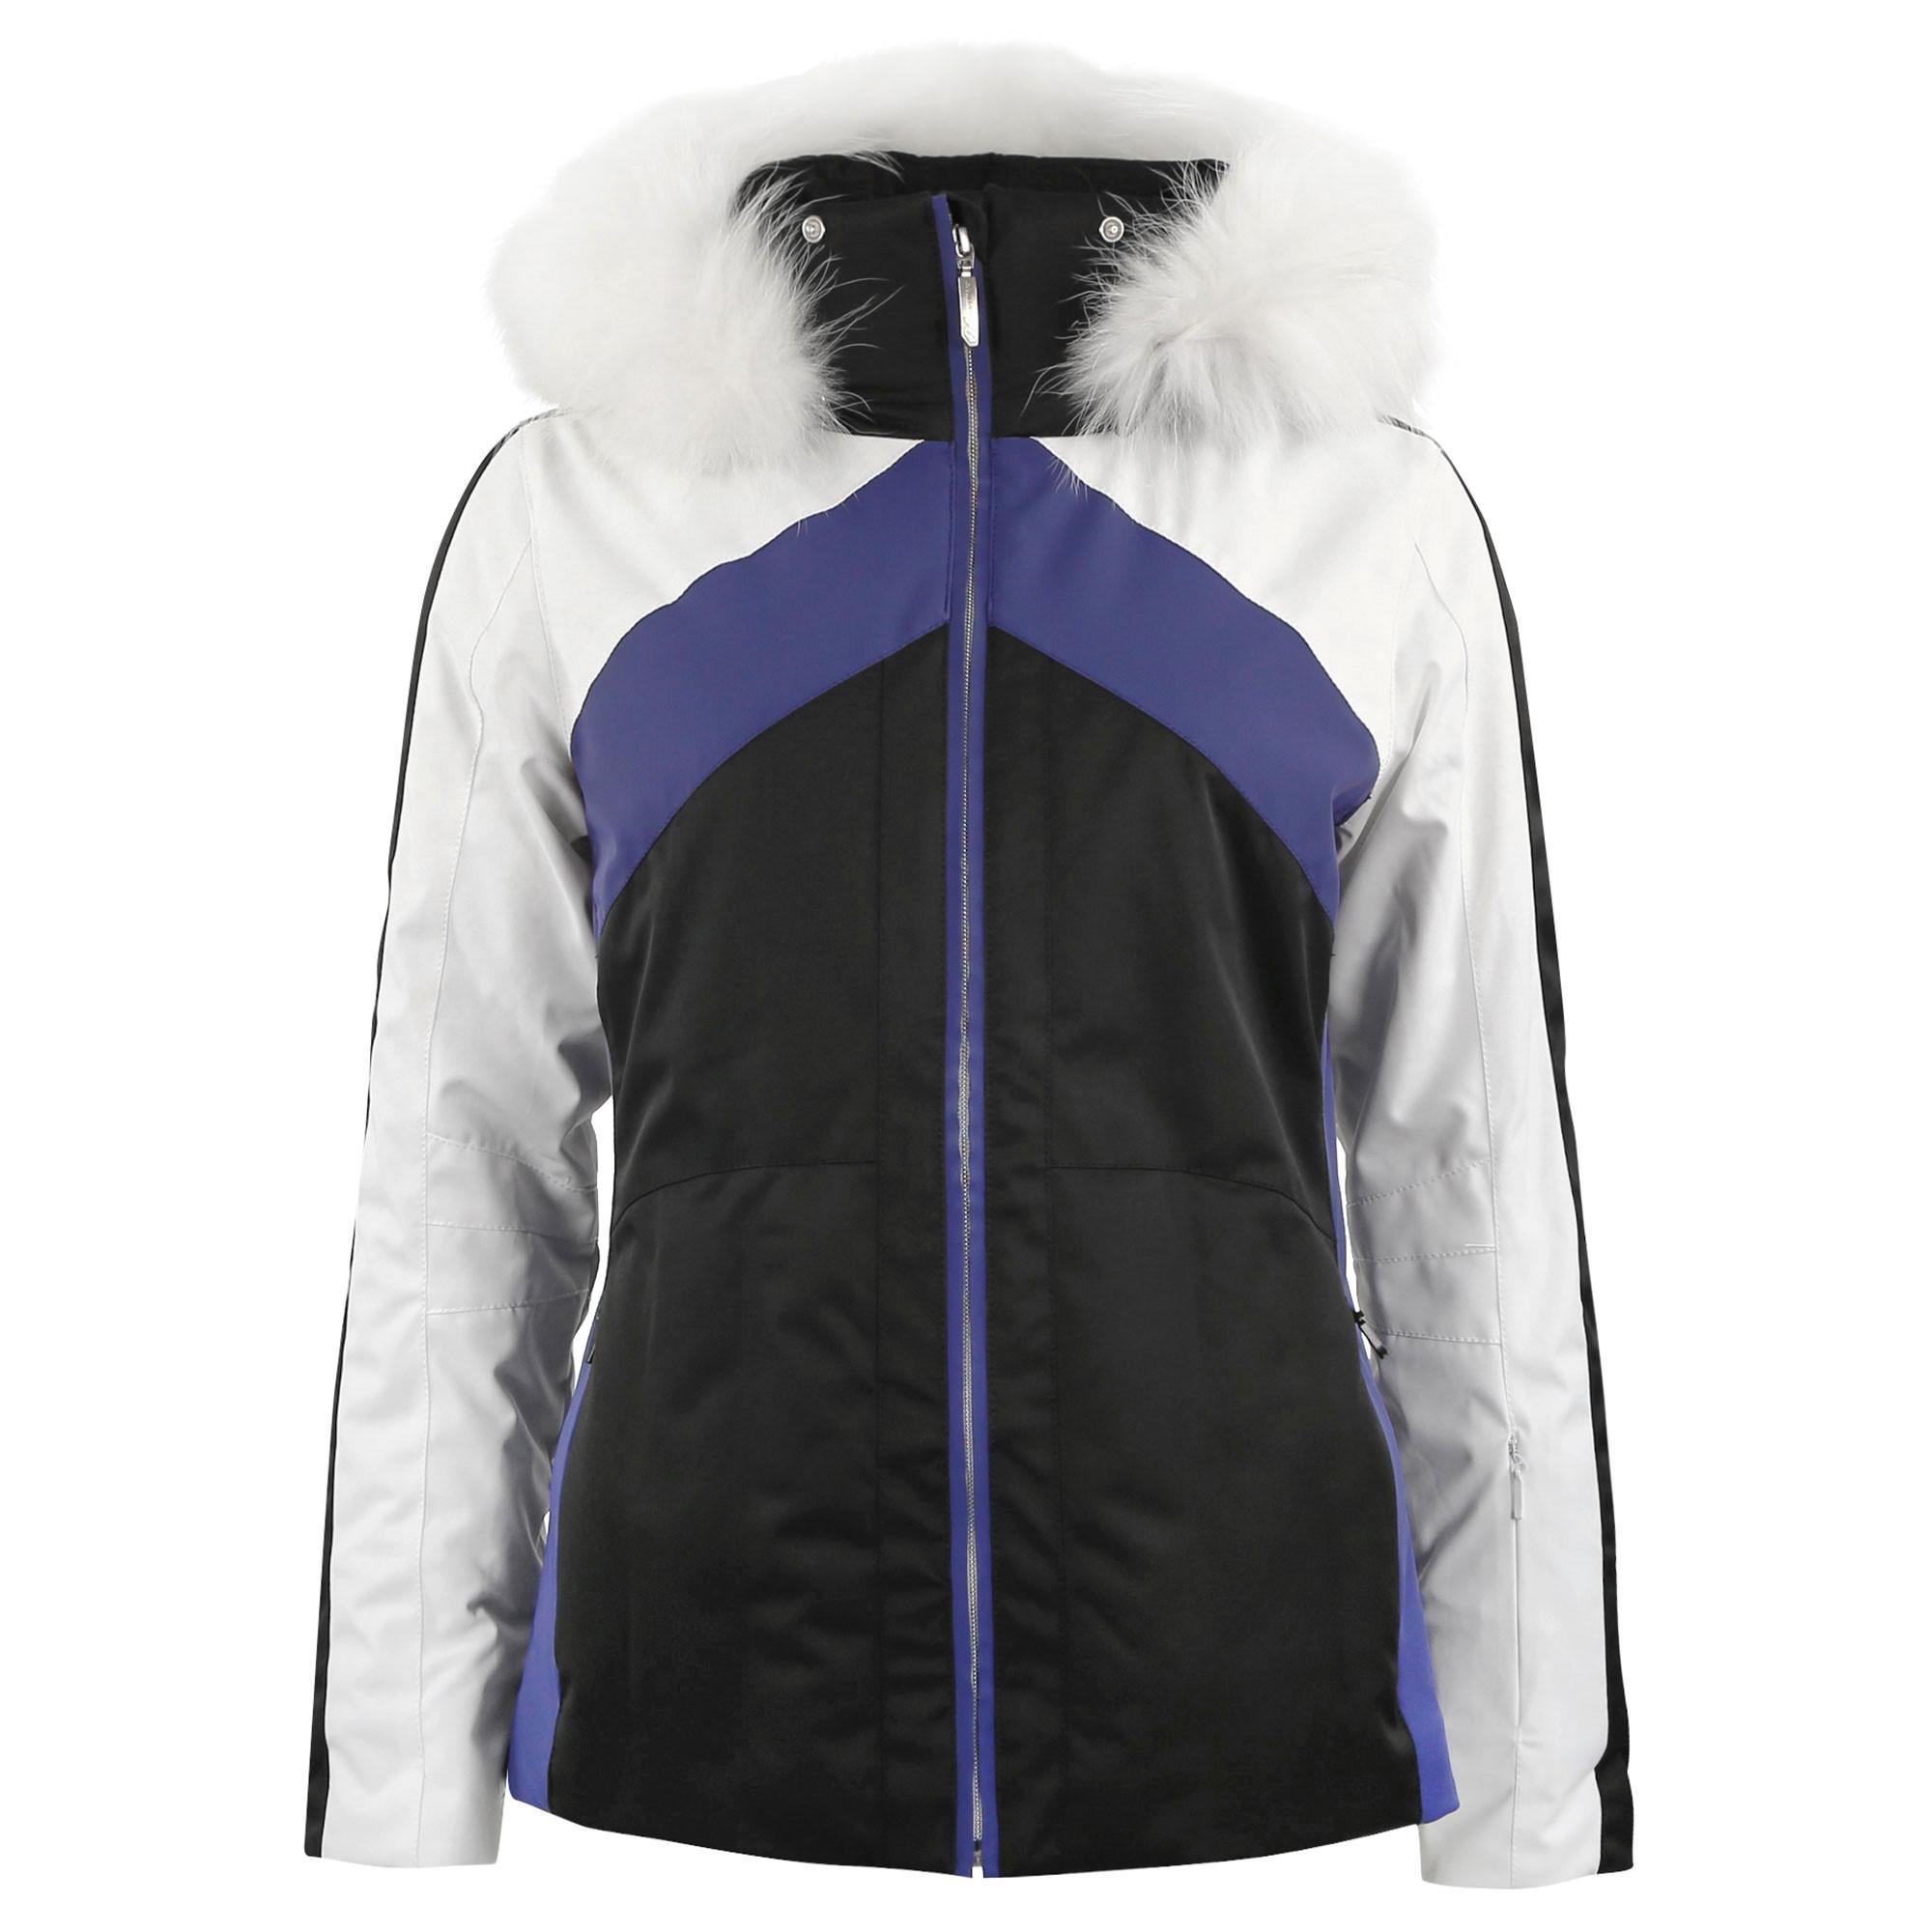 5fd18c631c7 fuji-blouson-de-ski-femme 1 1.jpg